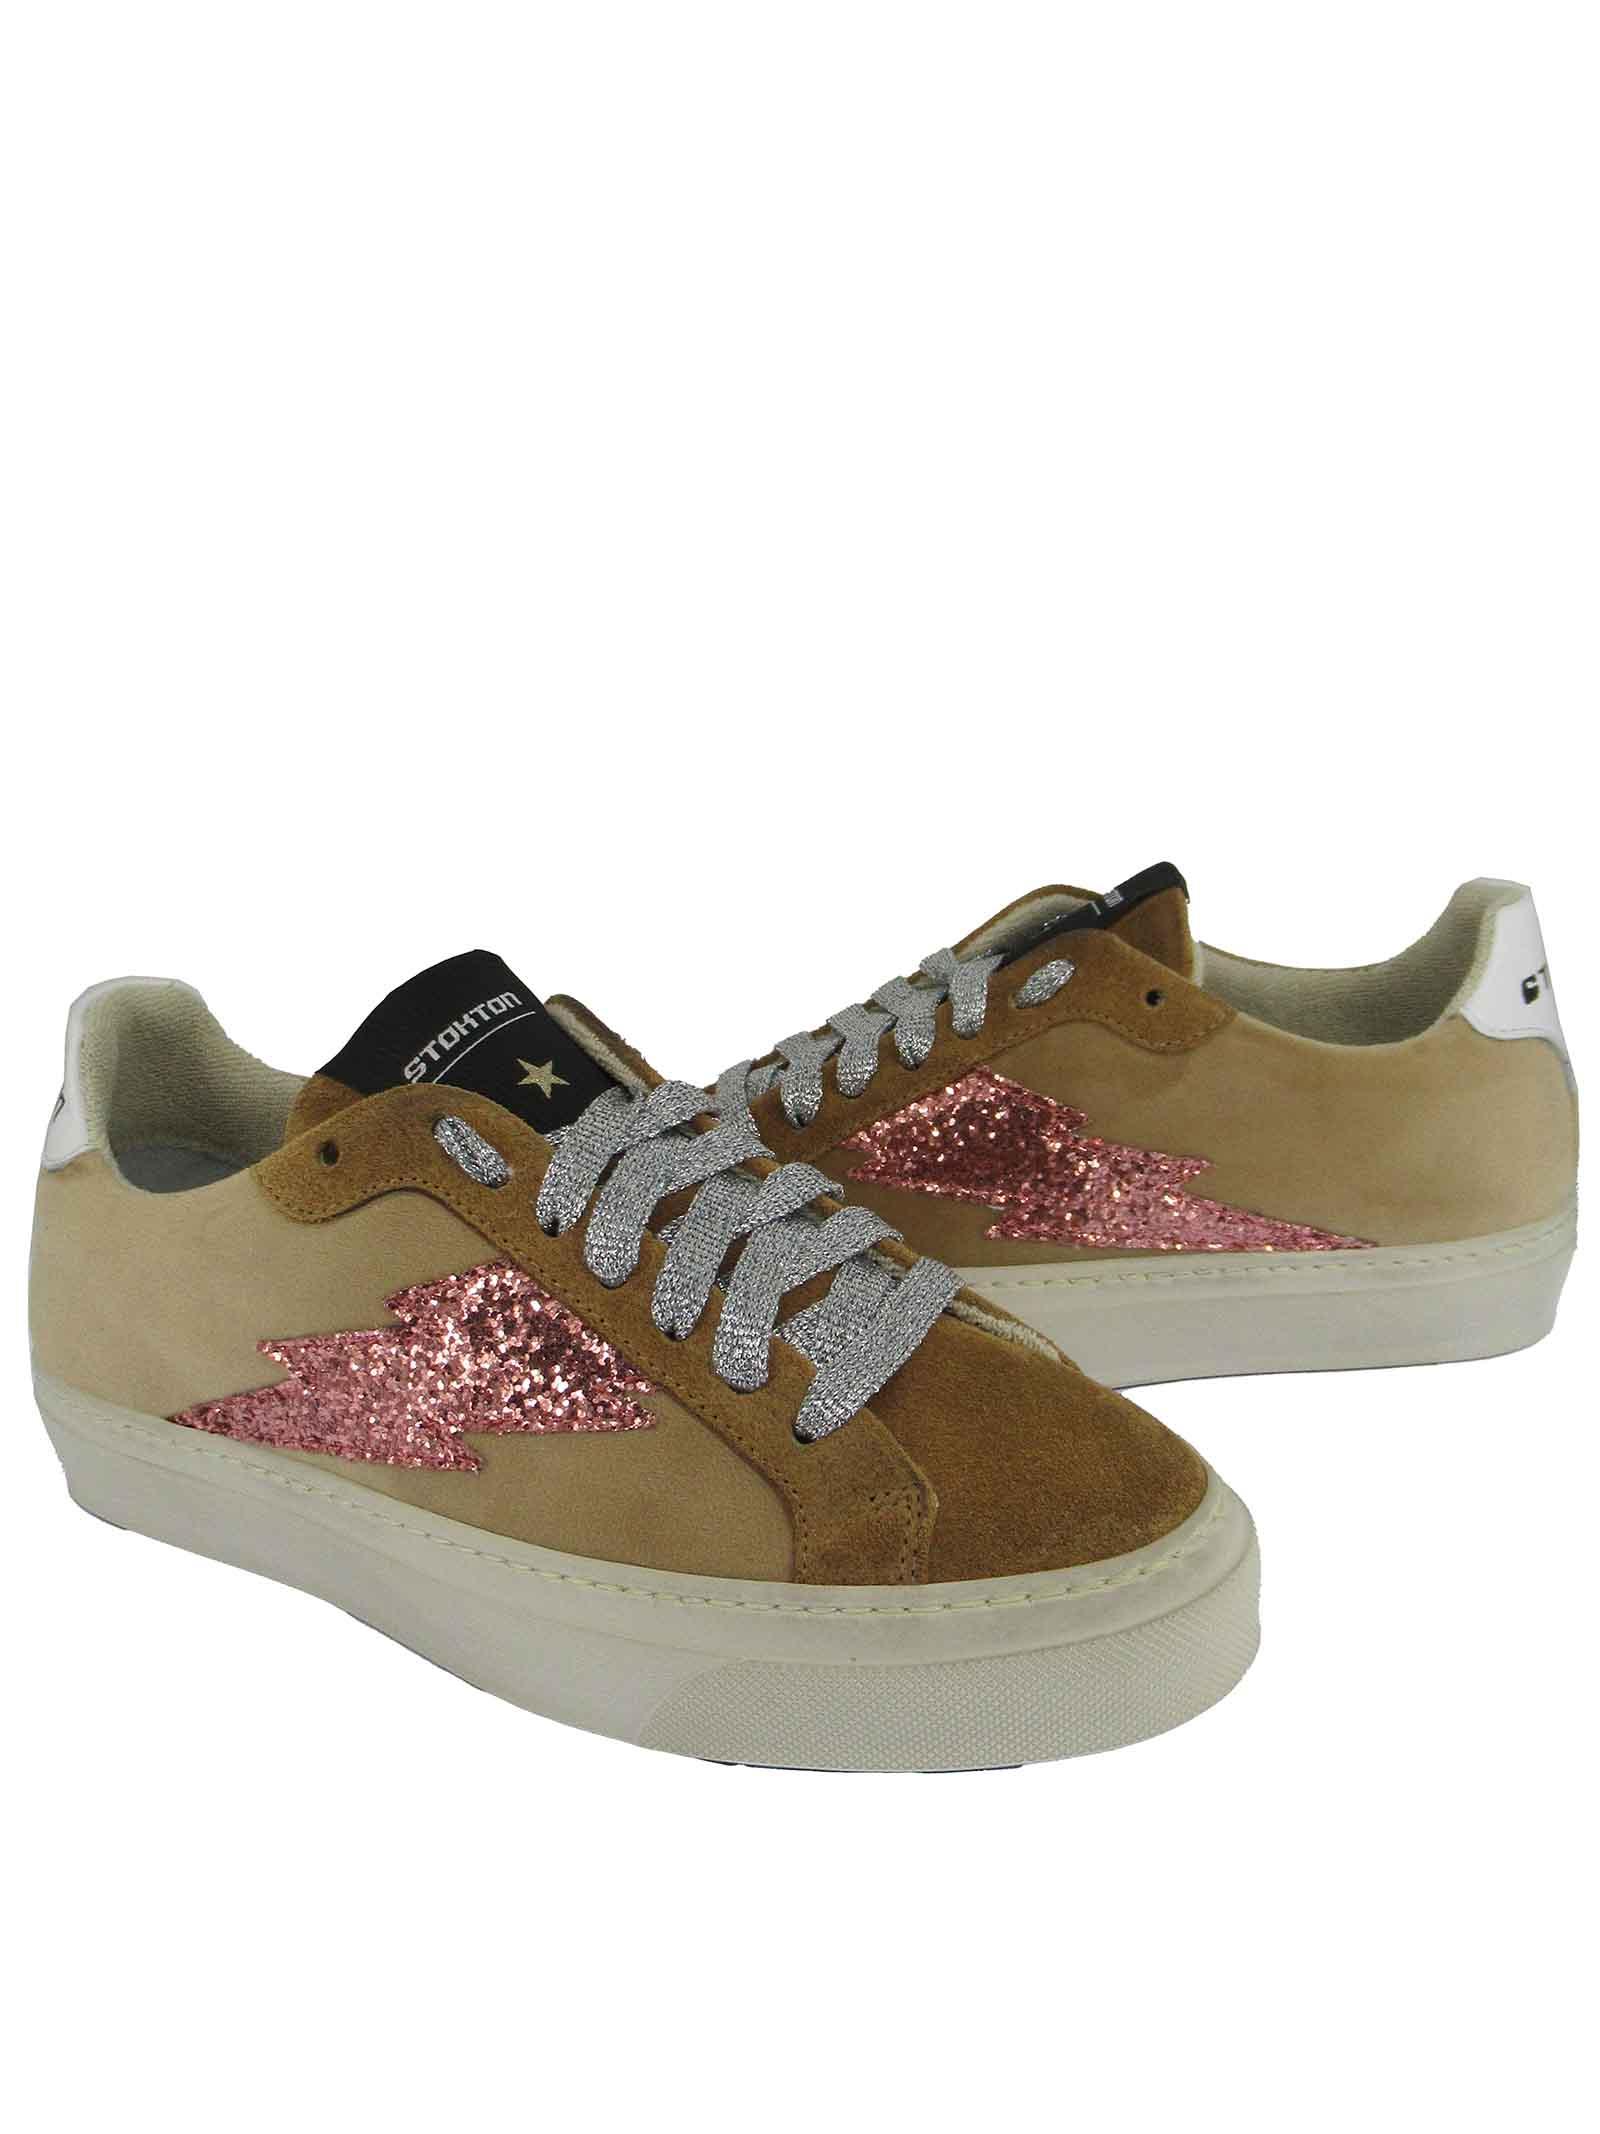 Calzature Donna Sneakers Stringate in Velluto e Camoscio Camel con Fondo in Gomma Stokton | Sneakers | BLAZE-DVICTORIA